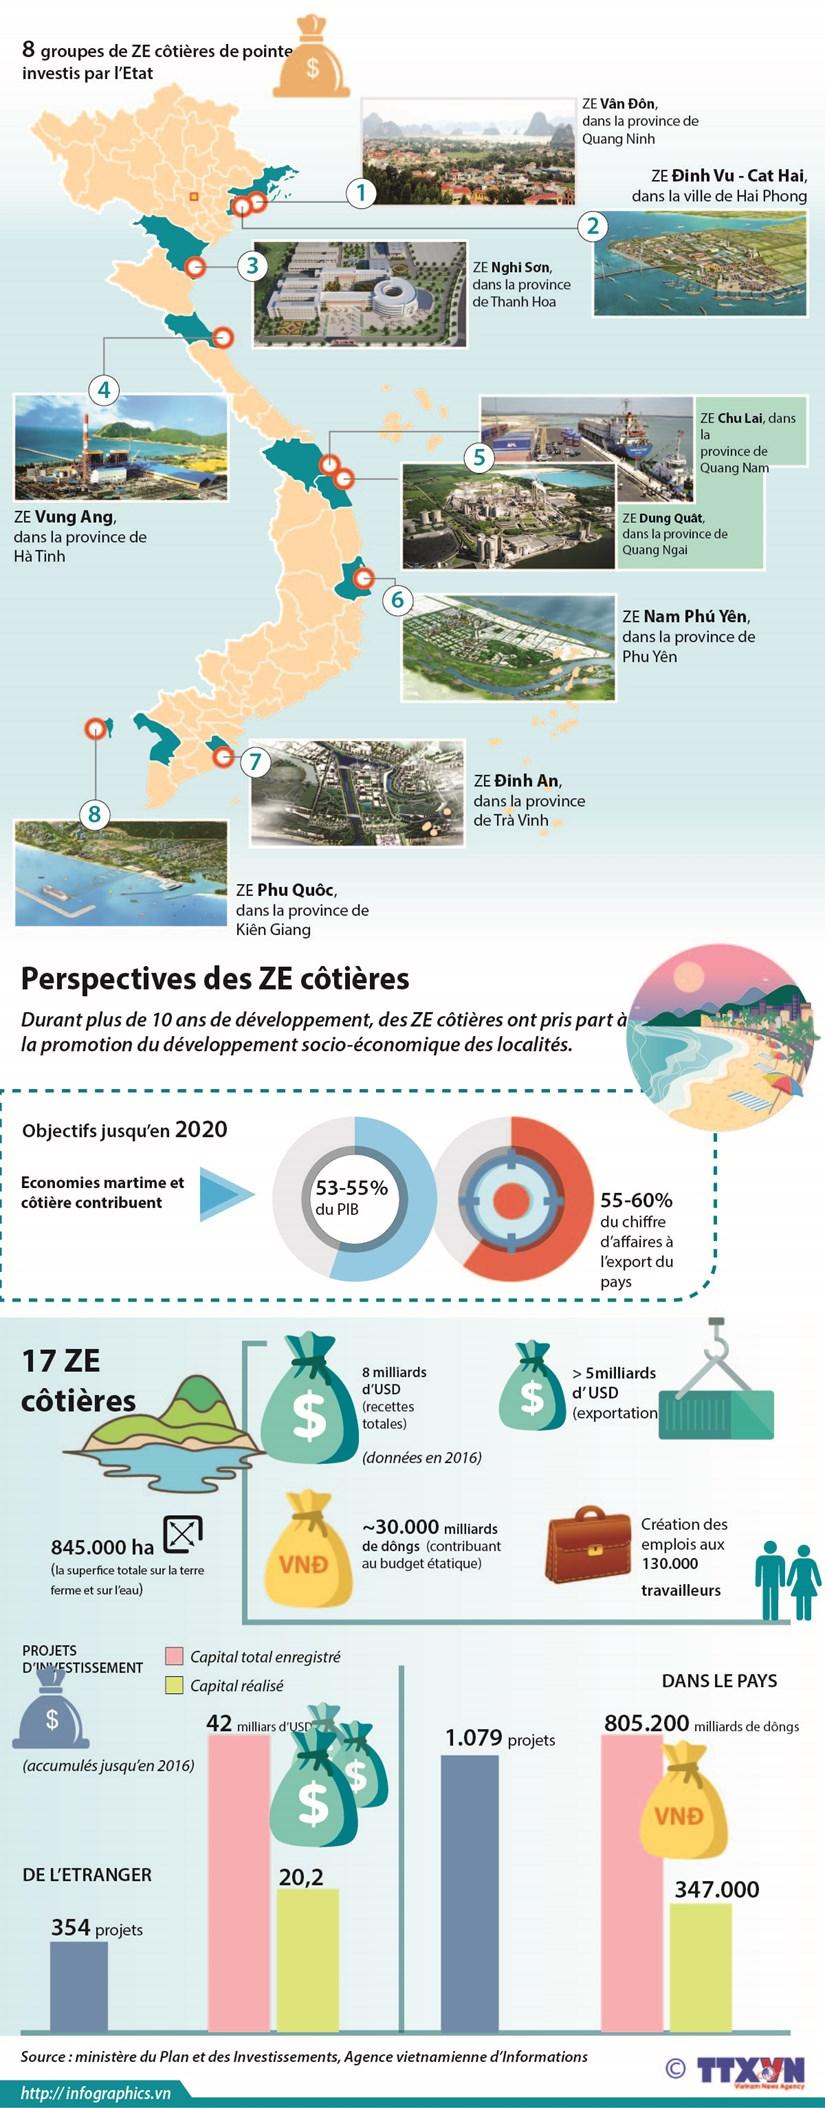 Perspectives des zones economiques (ZE) cotieres hinh anh 1